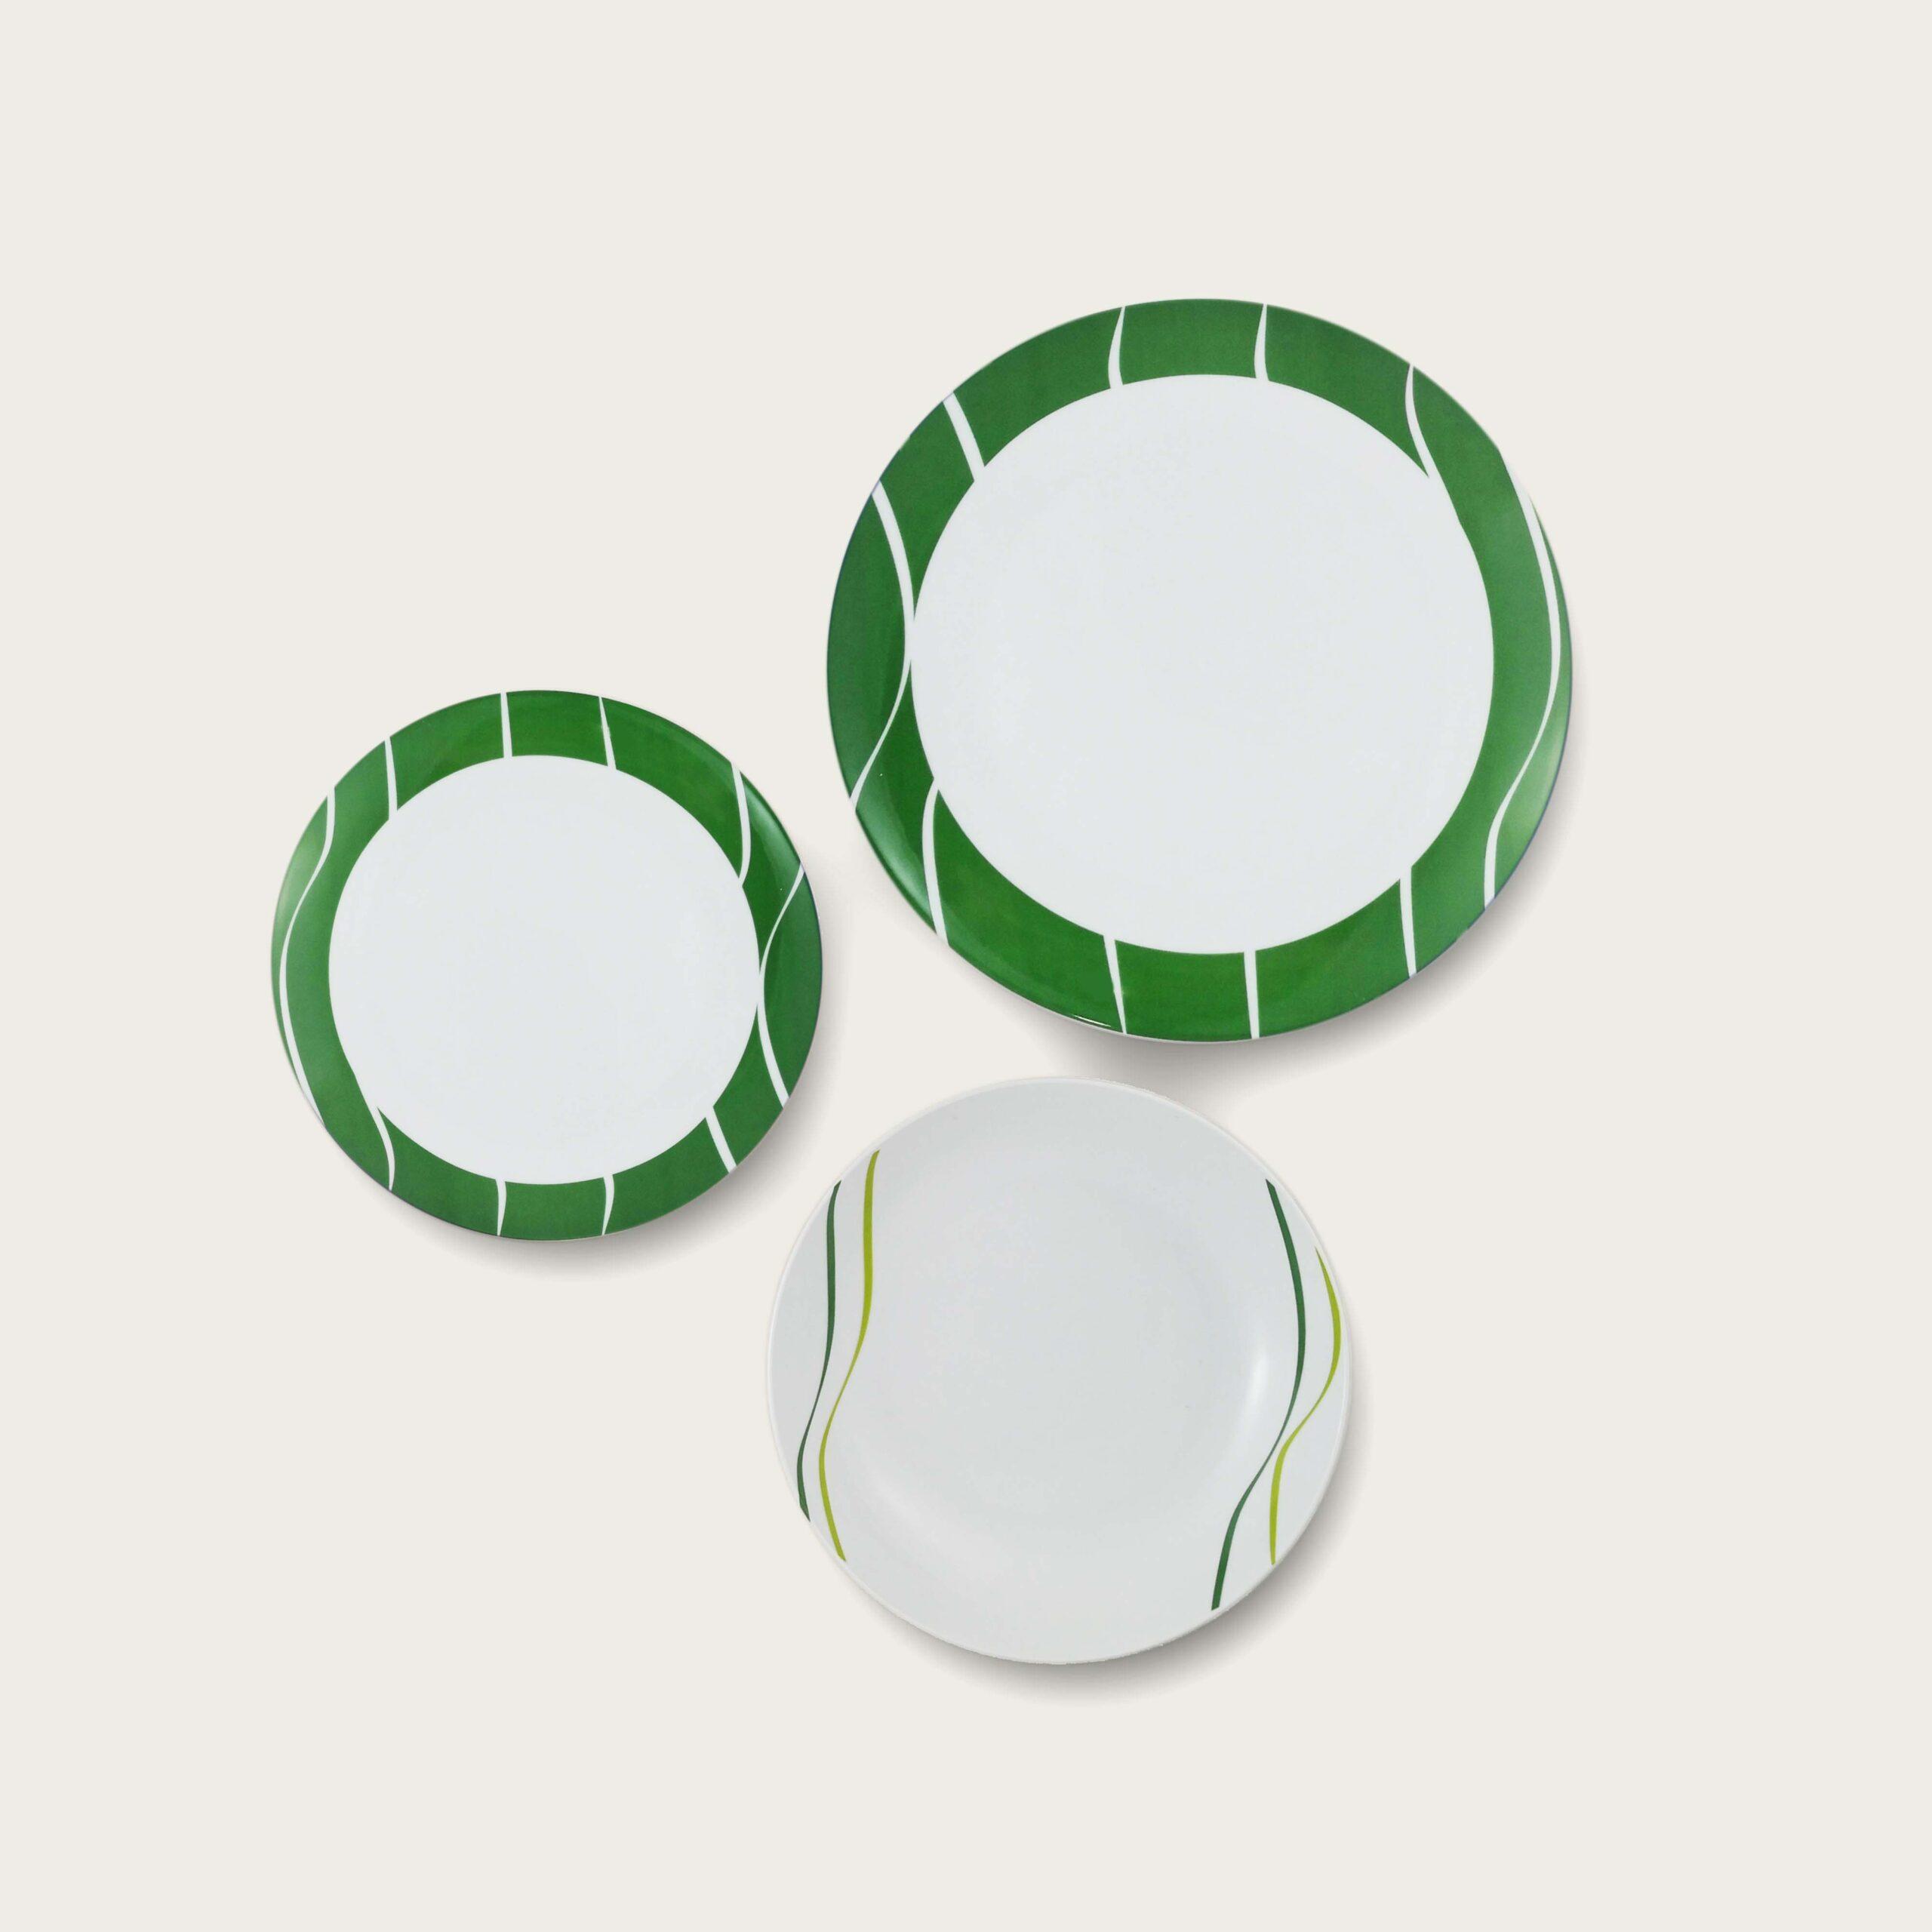 Servizio 12 piatti - linea margot - verde